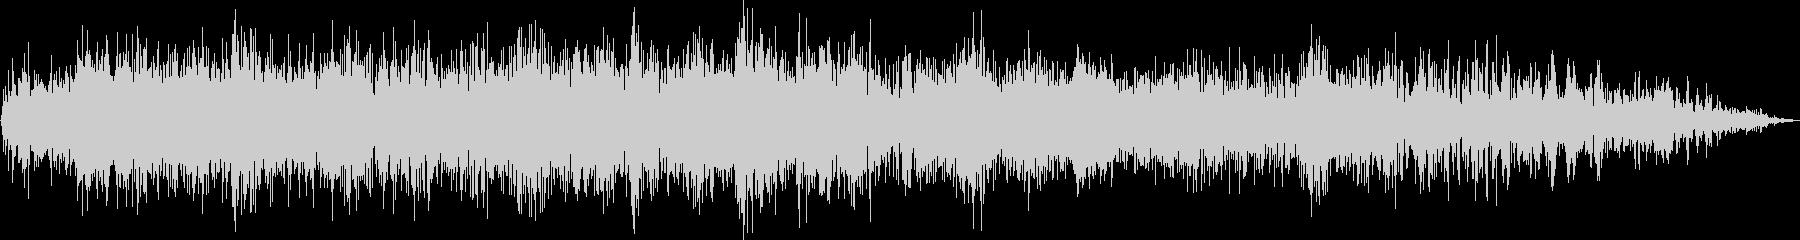 クイックノイズモーターフィルターの調整の未再生の波形